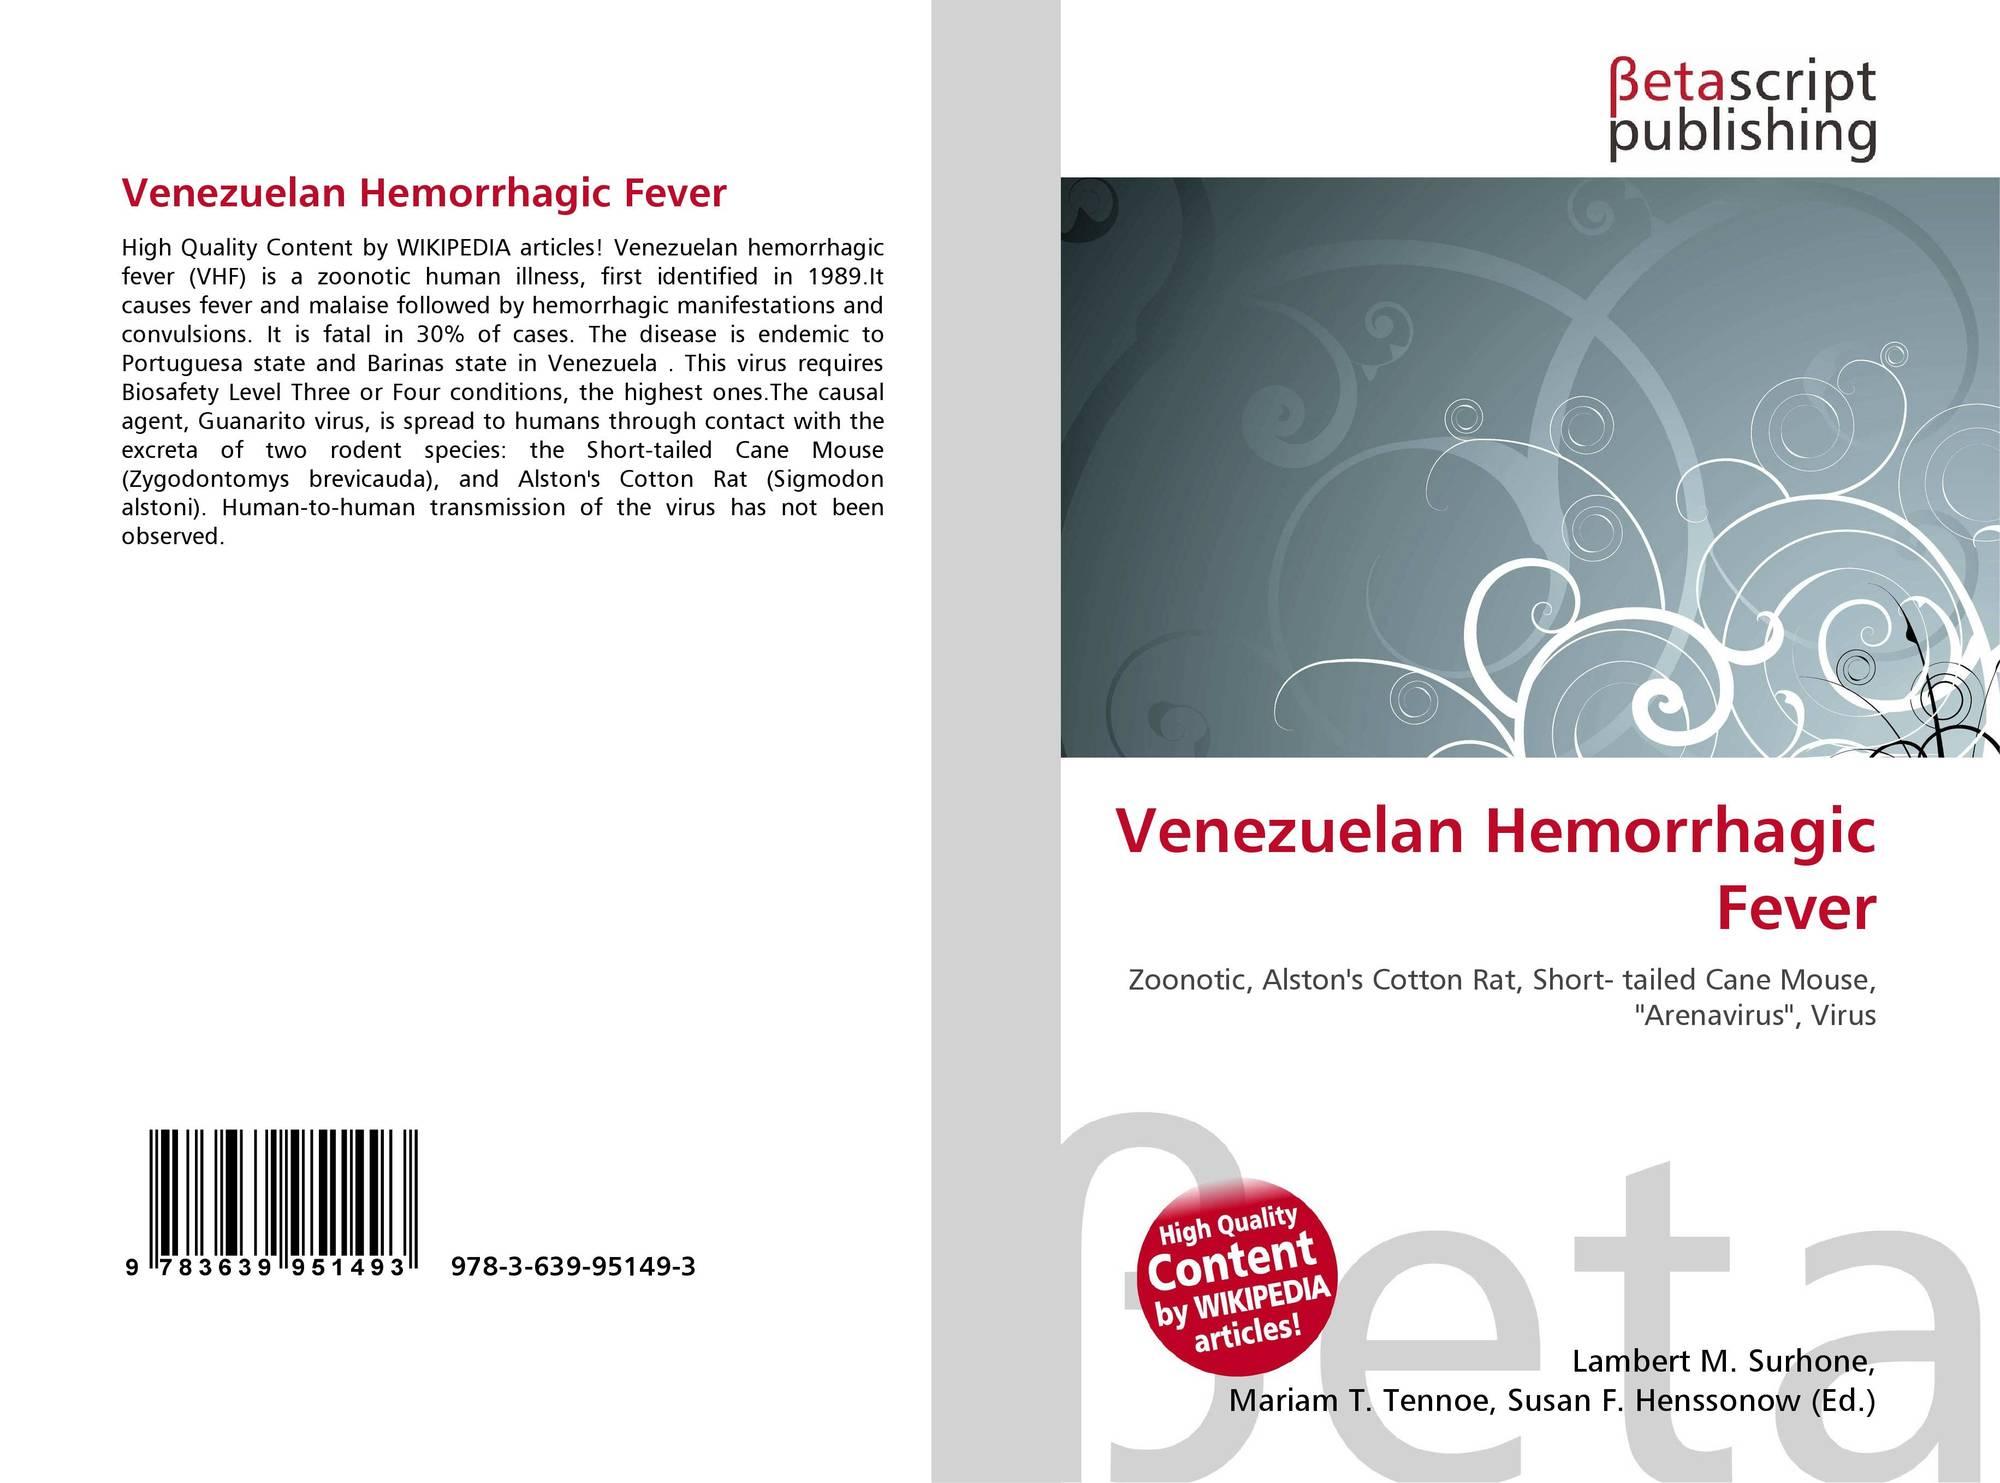 Venezuelan Hemorrhagic Fever 978 3 639 95149 3 3639951492